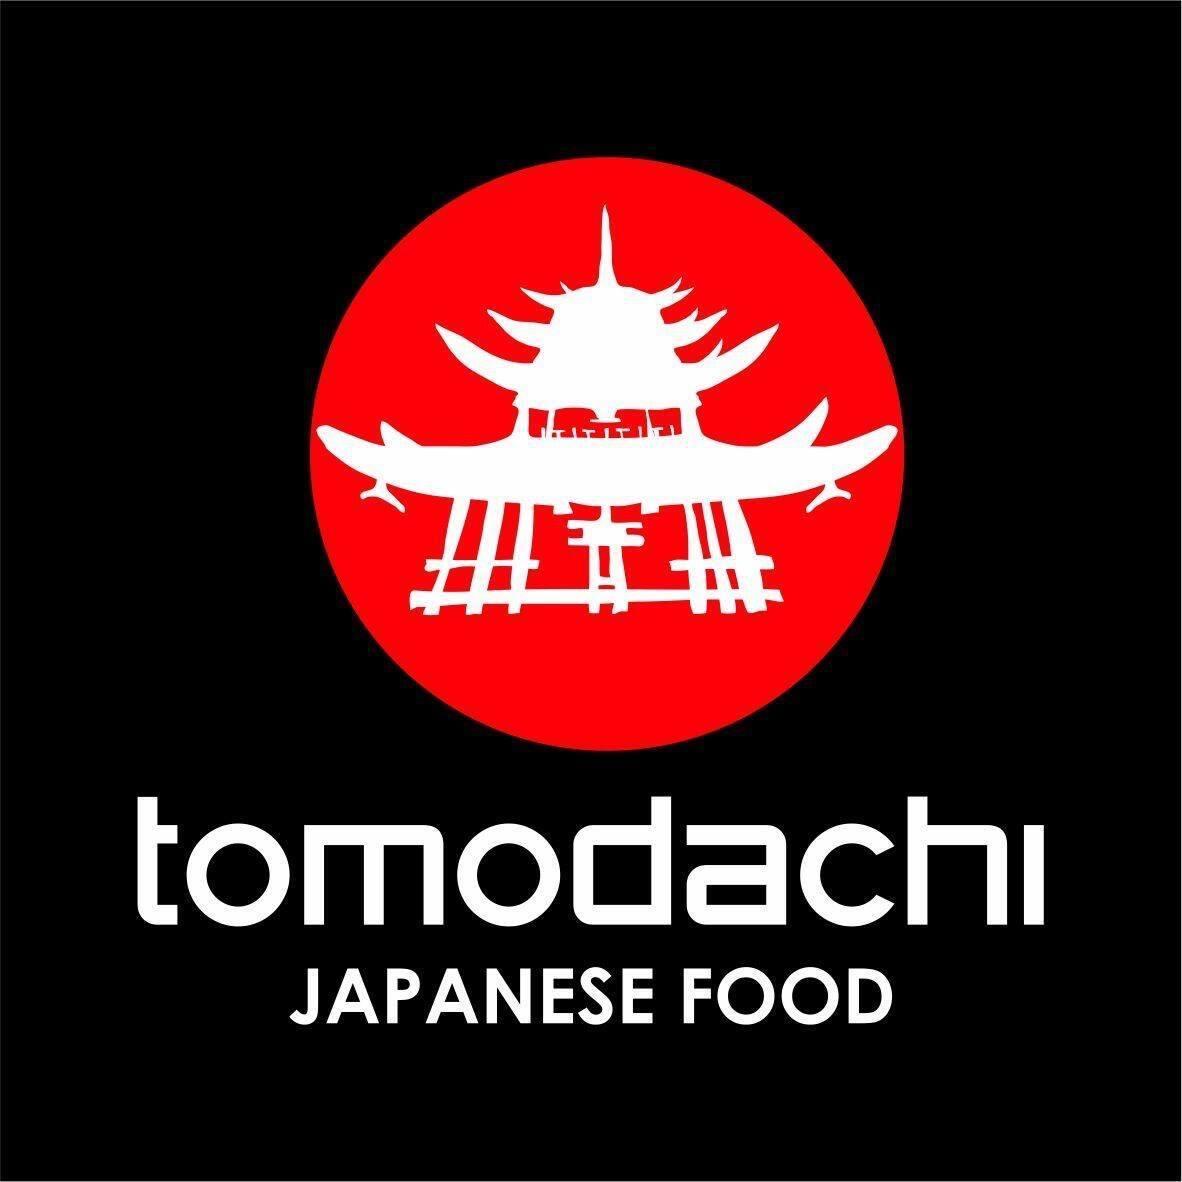 Tomodachi Japanese Food